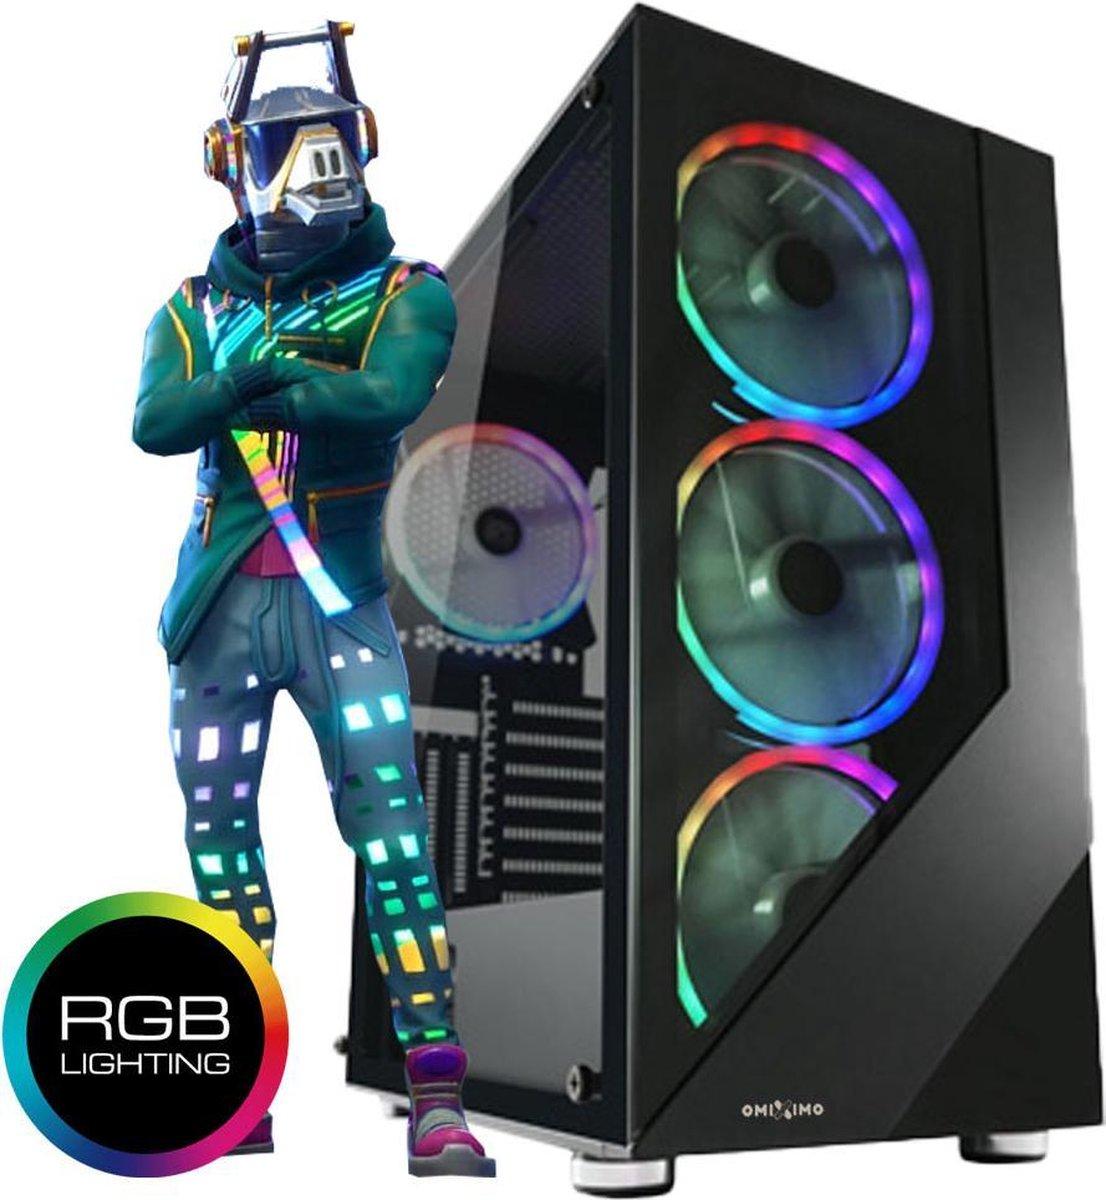 omiXimo | Game PC - AMD Ryzen 5 - GTX1650 Videokaart - 16 GB ram - 240 GB SSD | Geschikt voor: Fortnite, Minecraft, Sims 4 en League of Legends